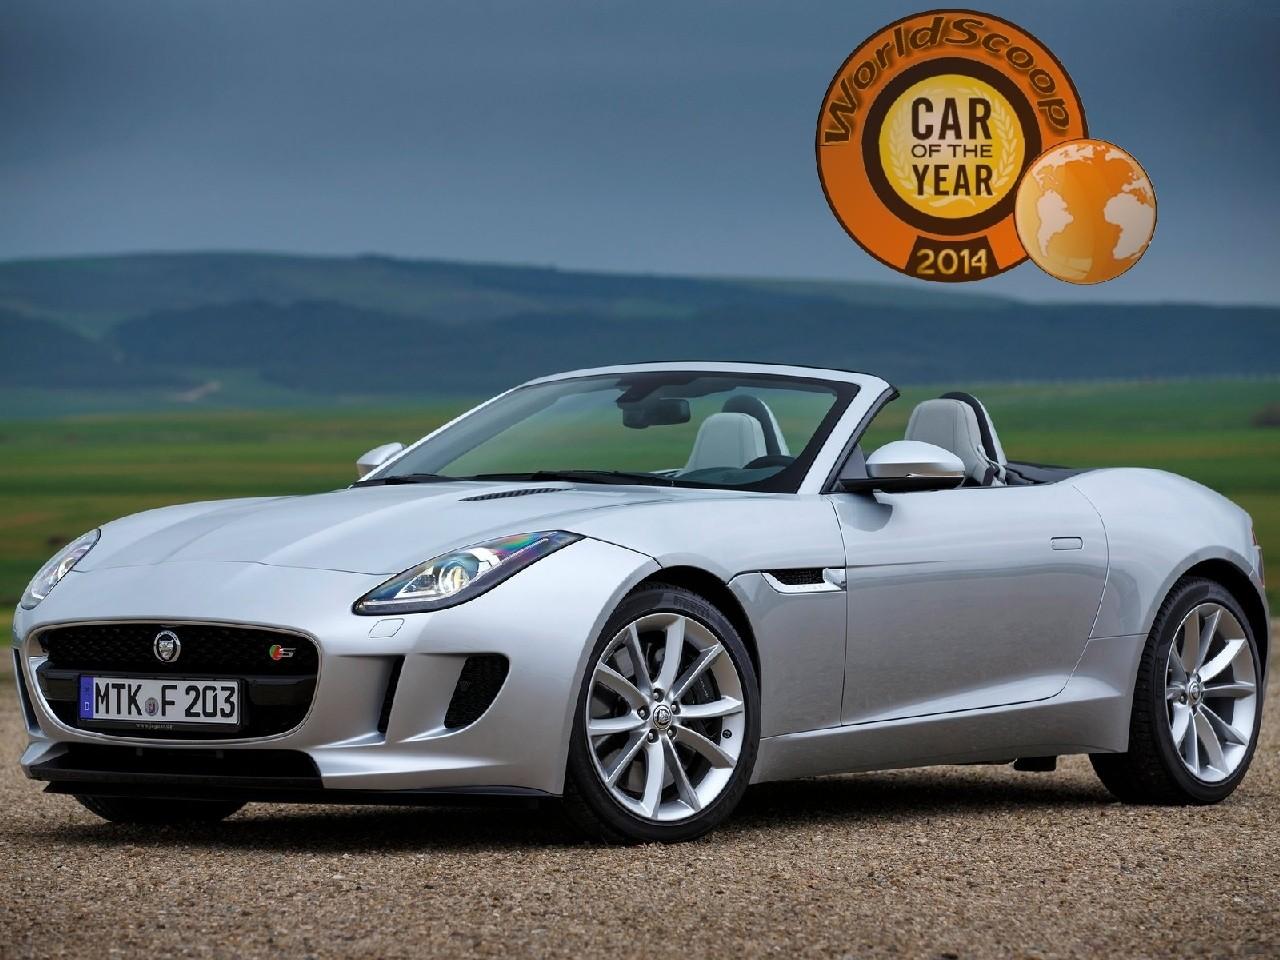 jaguar voiture de l'année 2014 worldscoop